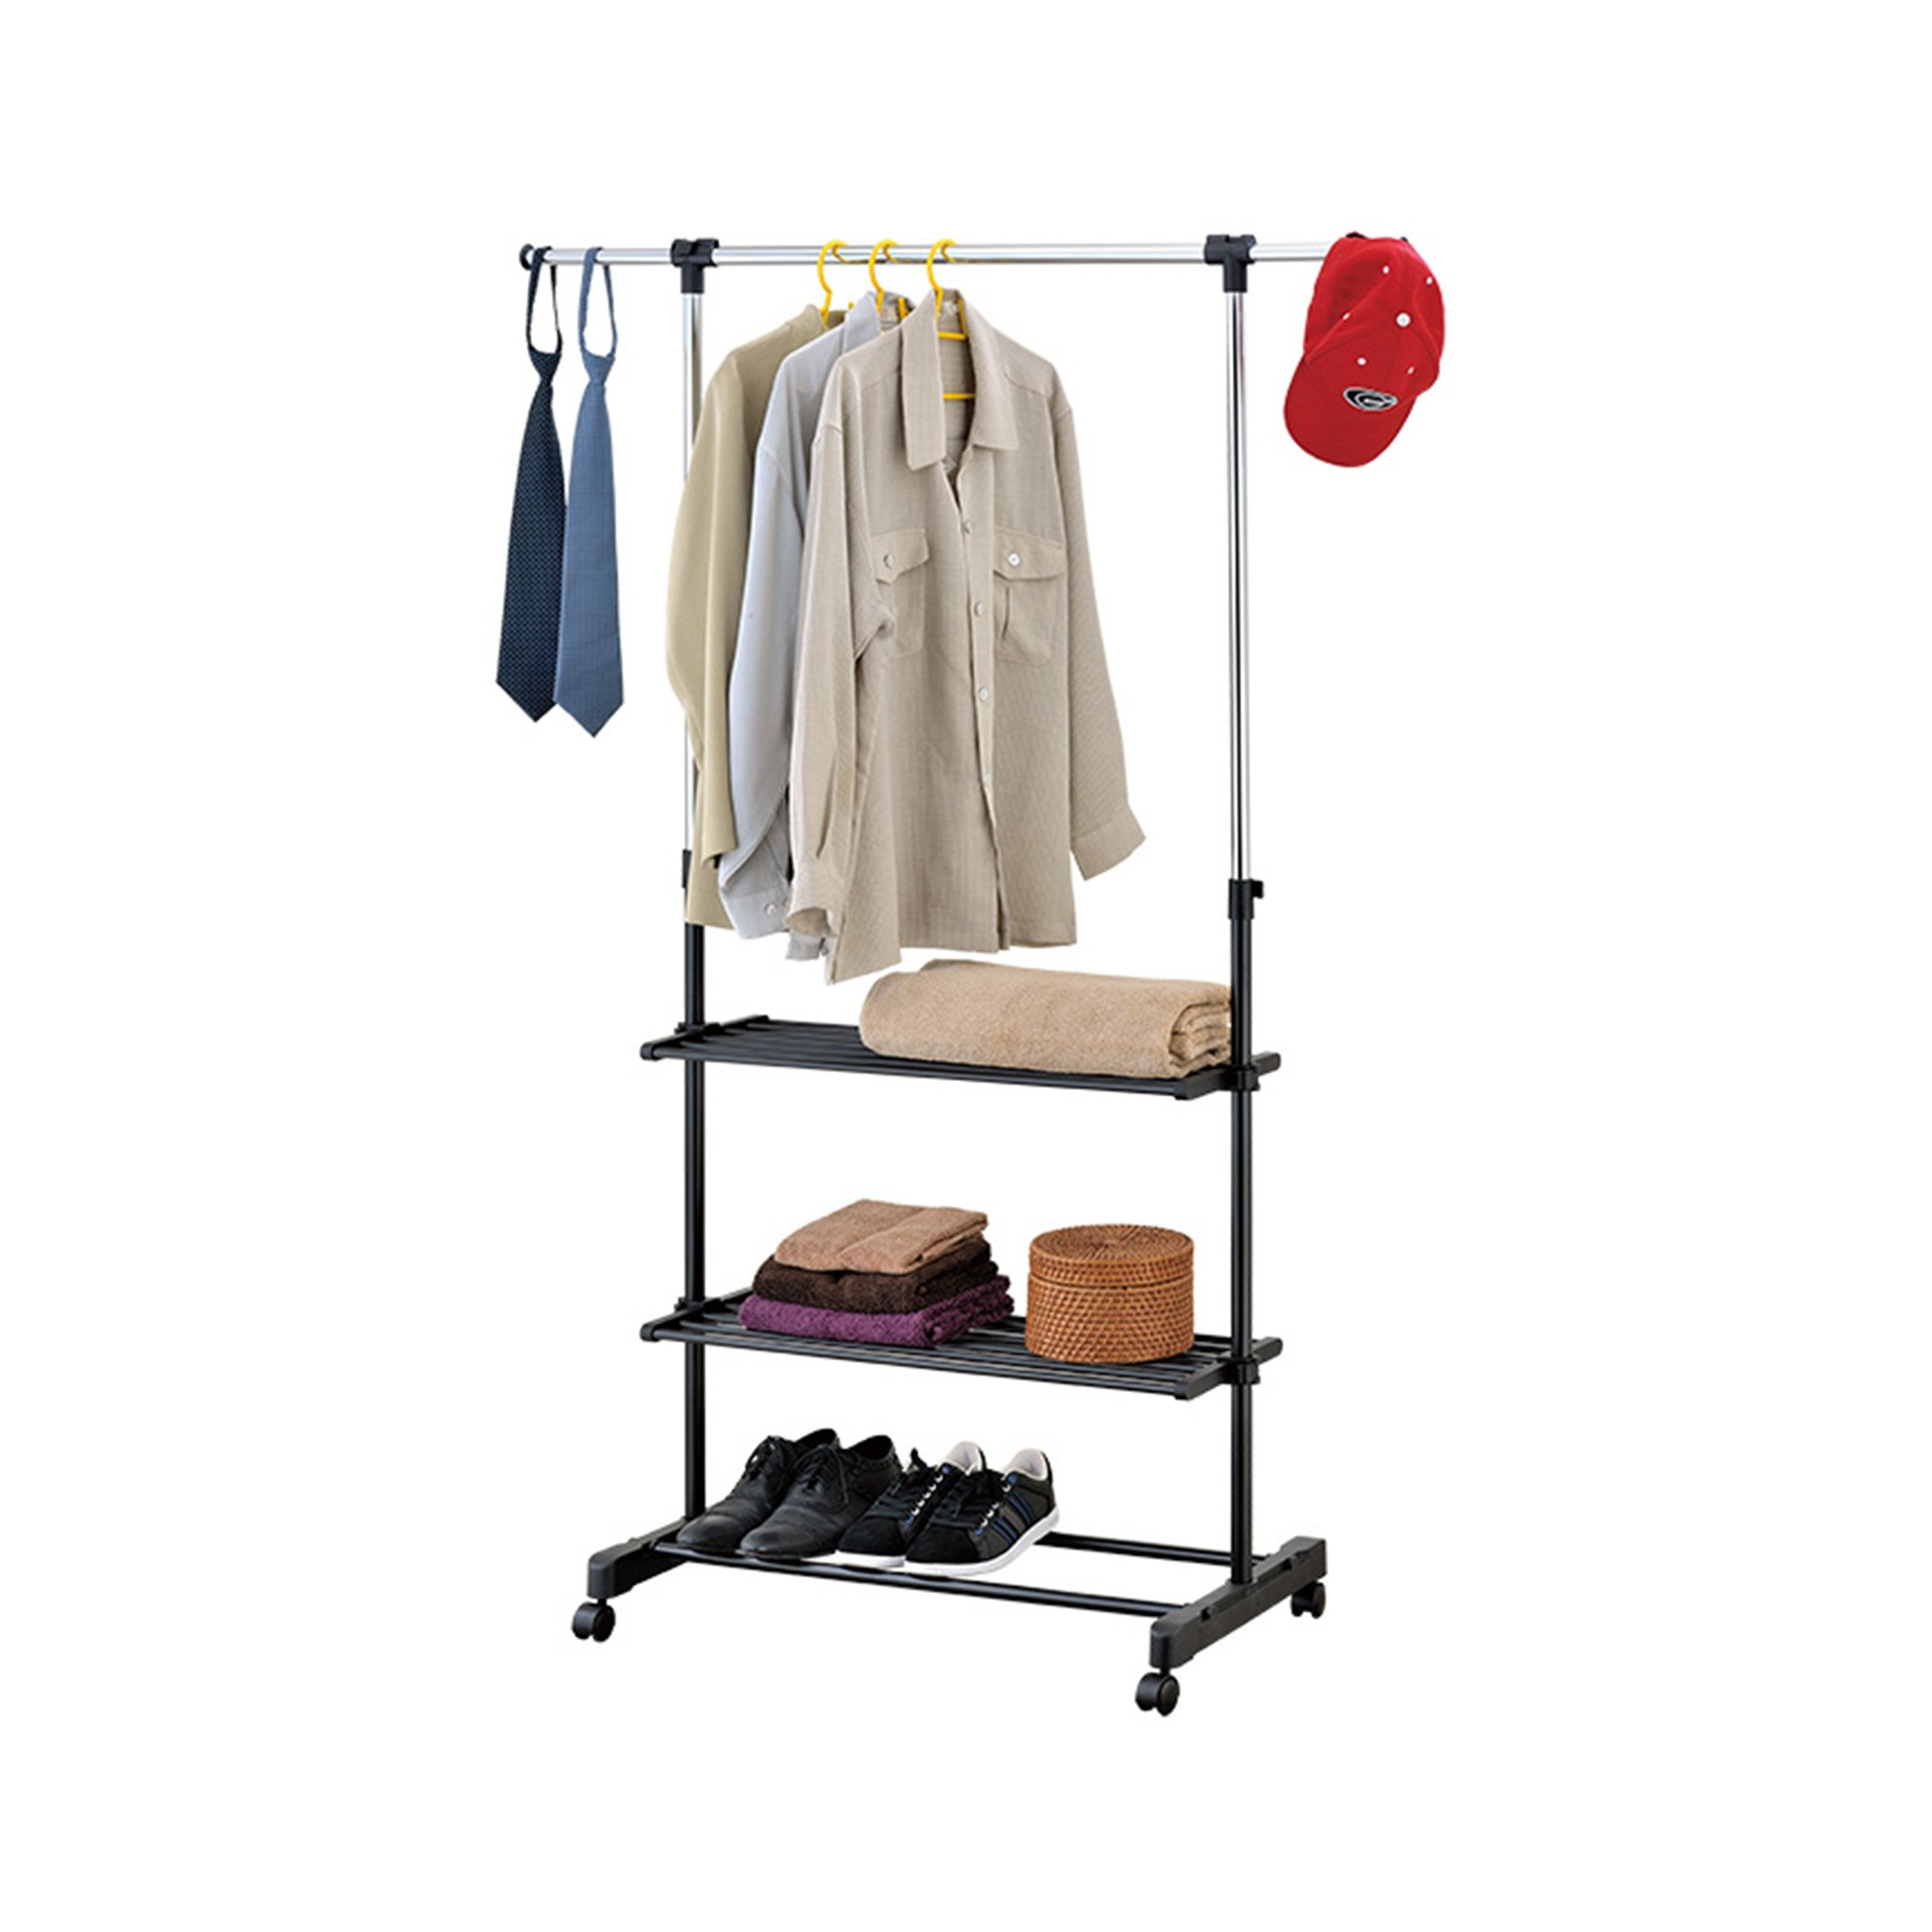 Mind Reader Roll Garment Rack with 3 Shelves, Silver/Black